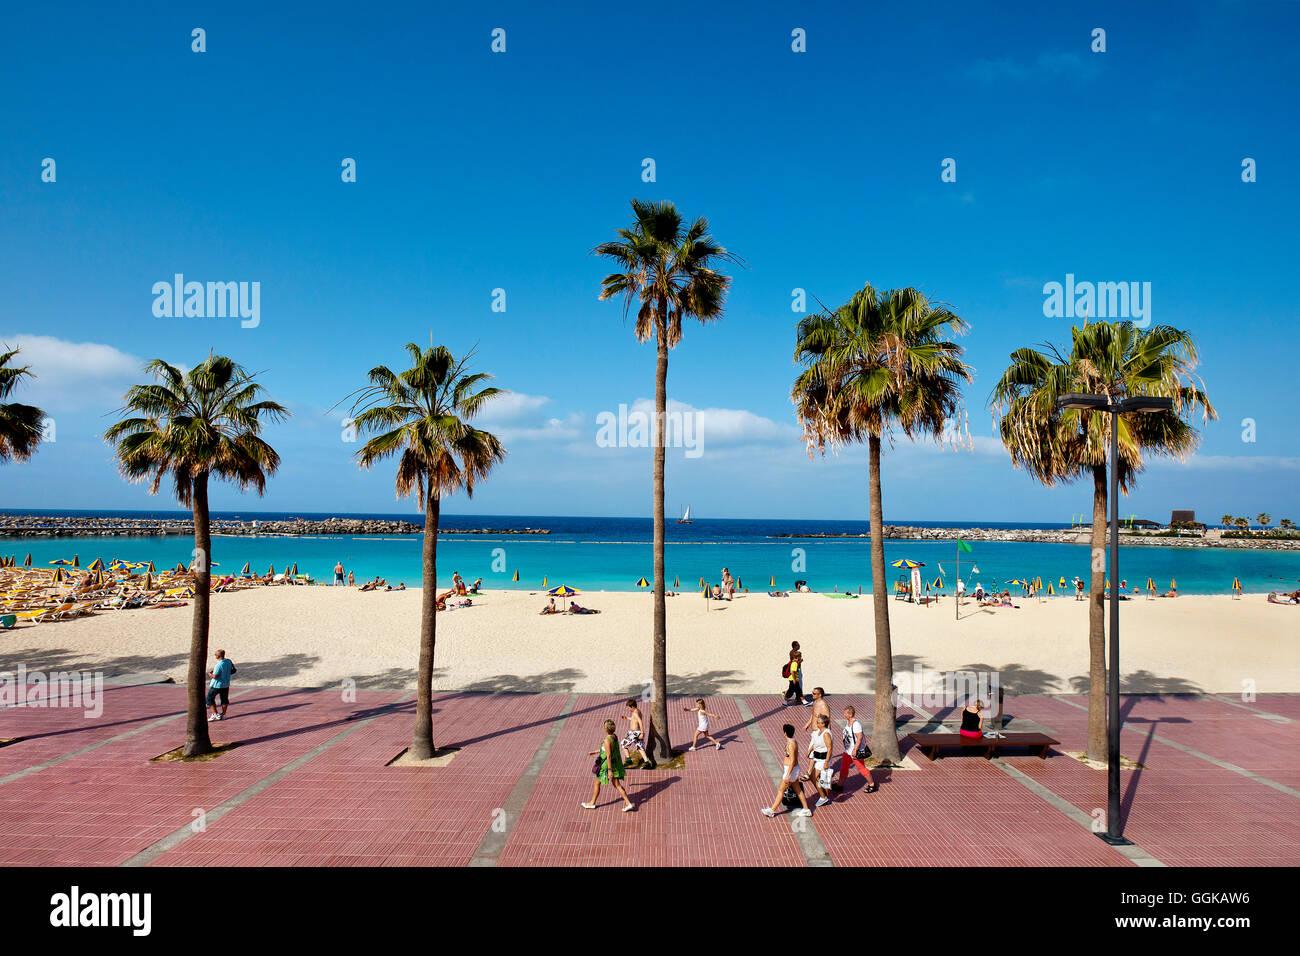 La spiaggia e il lungomare di Playa Amadores, Puerto Rico, Gran Canaria Isole Canarie Spagna Immagini Stock